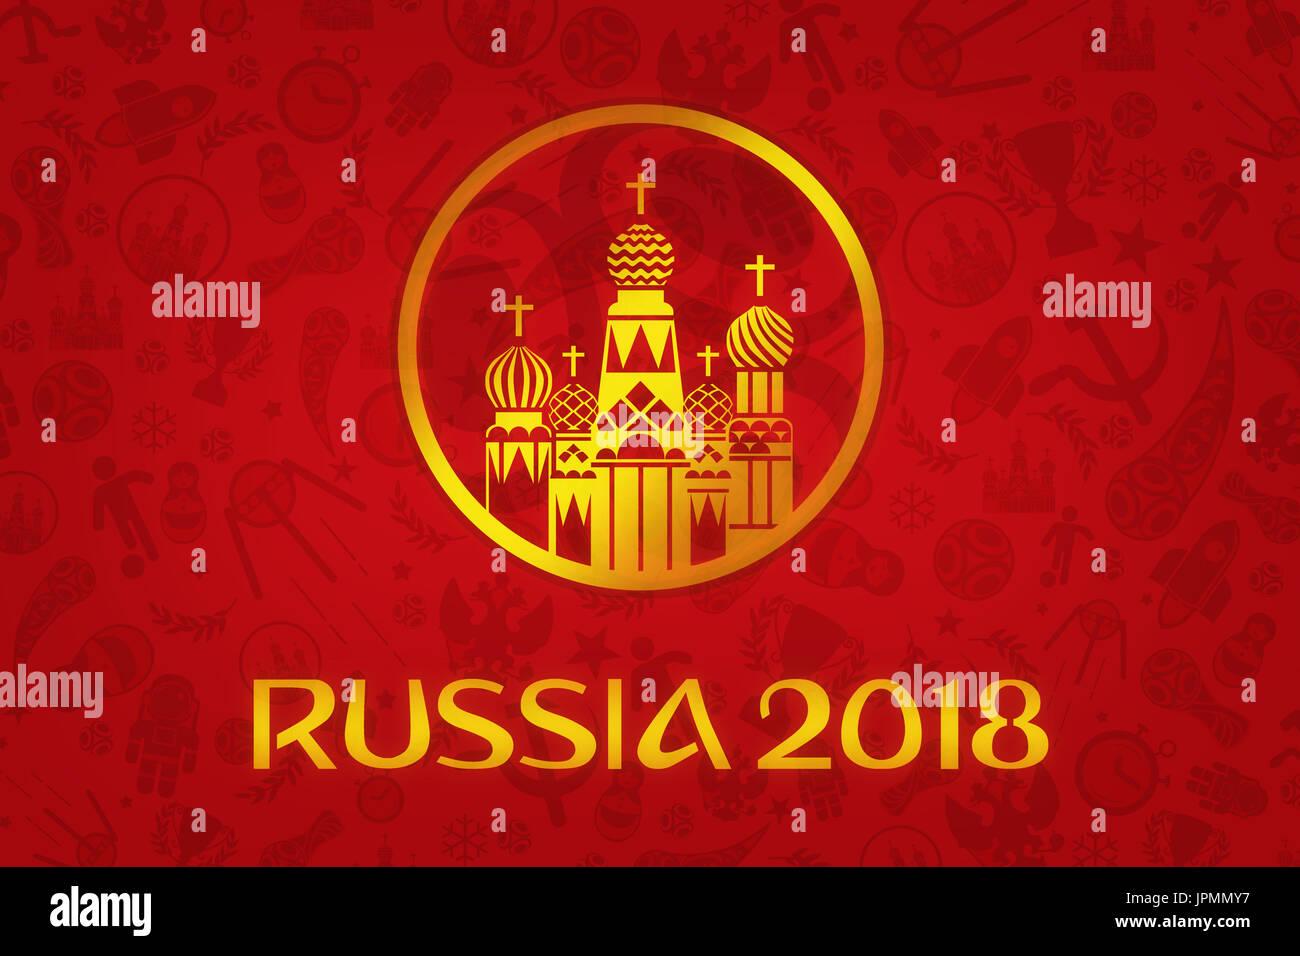 Good Budweiser World Cup 2018 - world-cup-football-2018-wallpaper-world-soccer-tournament-in-russia-JPMMY7  Photograph_146558 .jpg